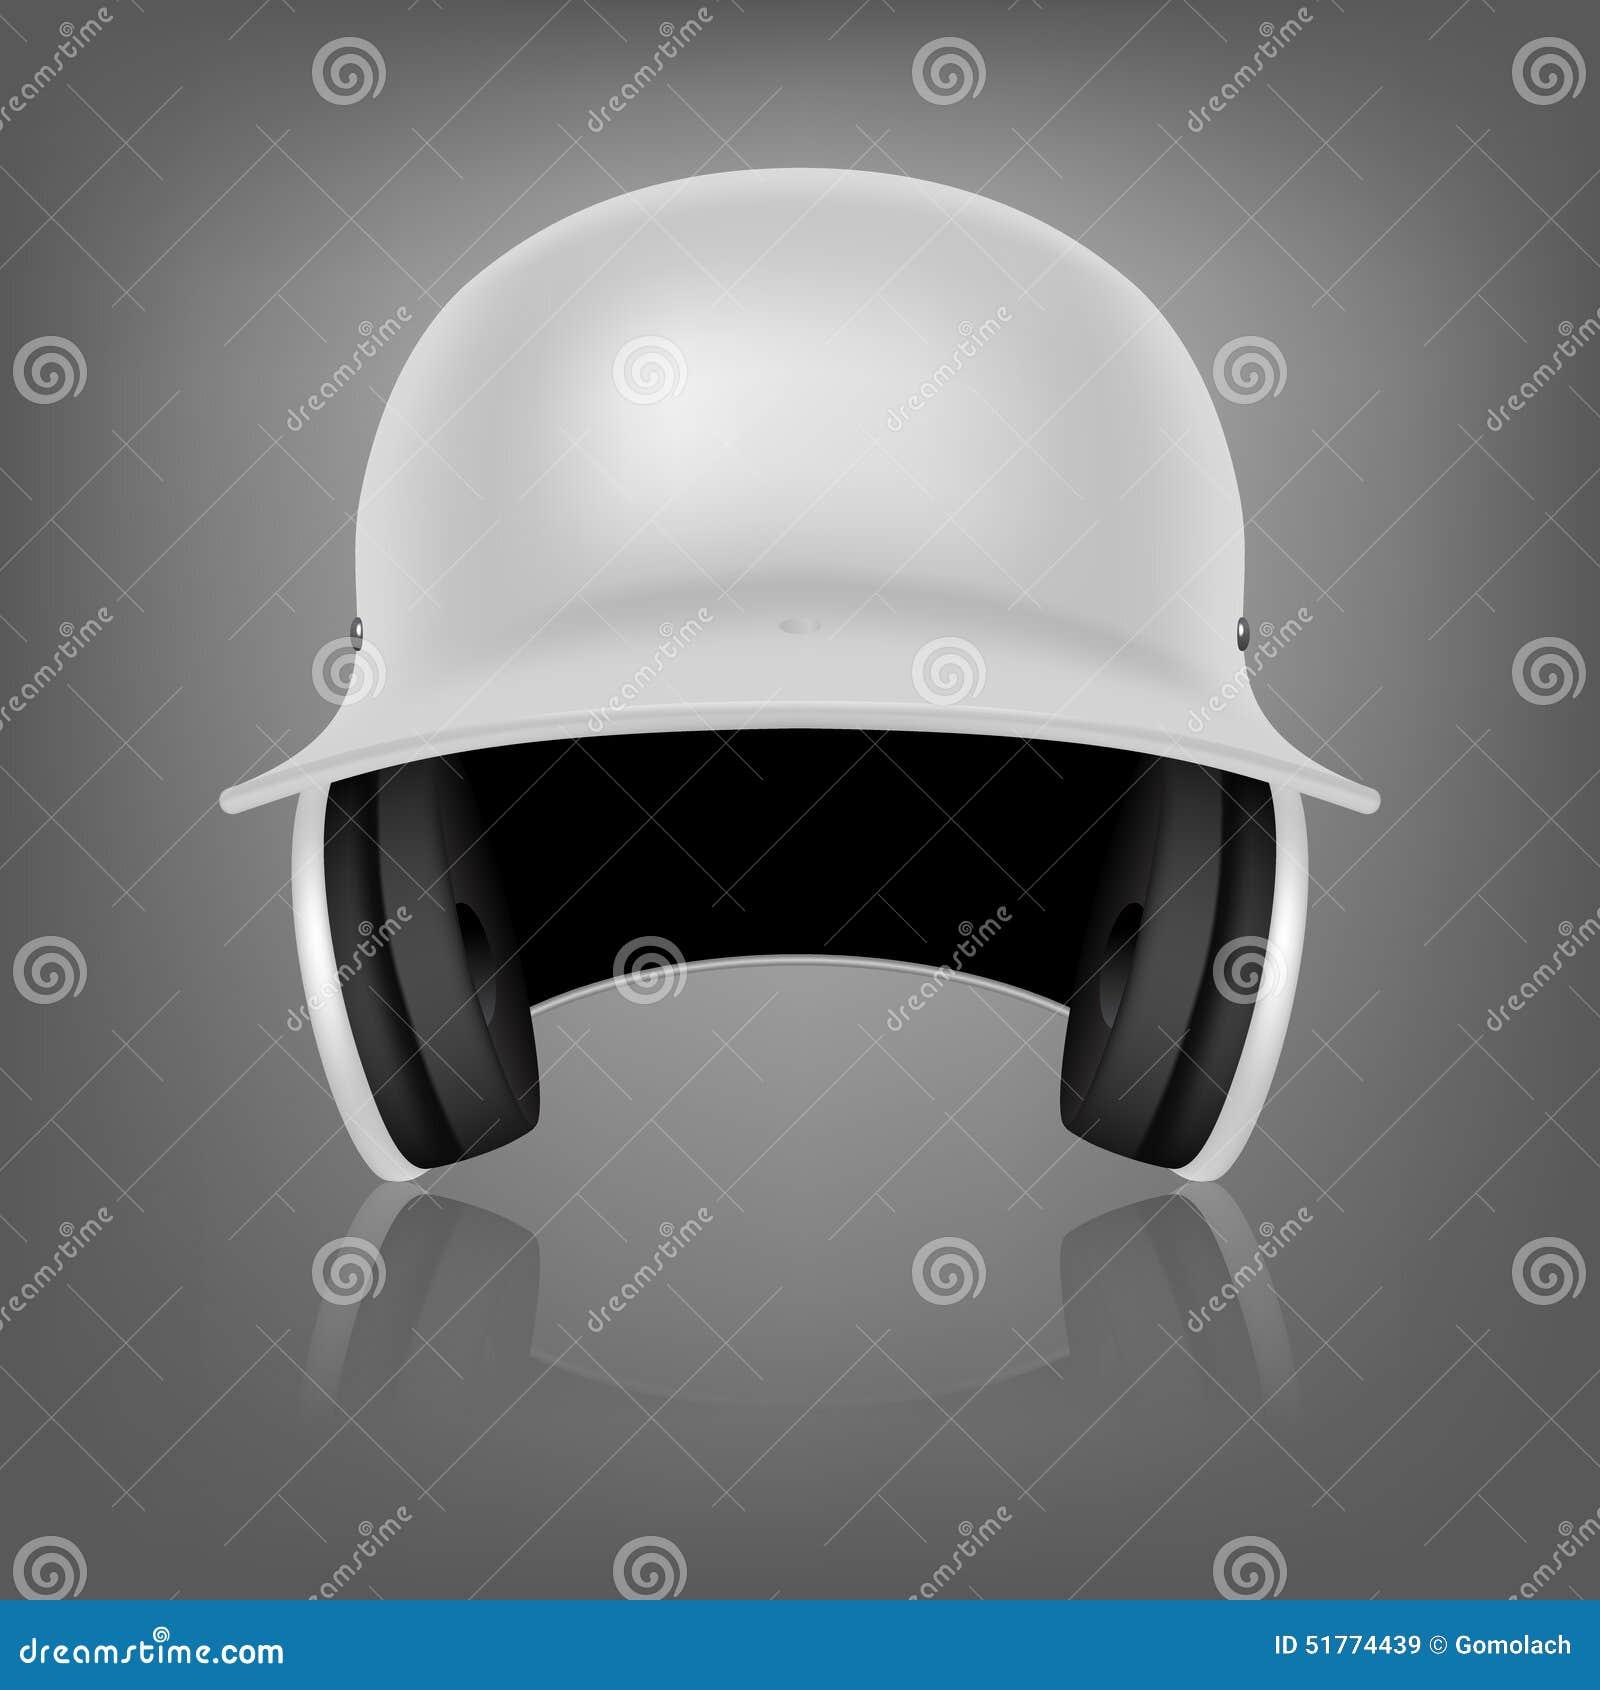 White Baseball Helmet Vector Background Stock Vector